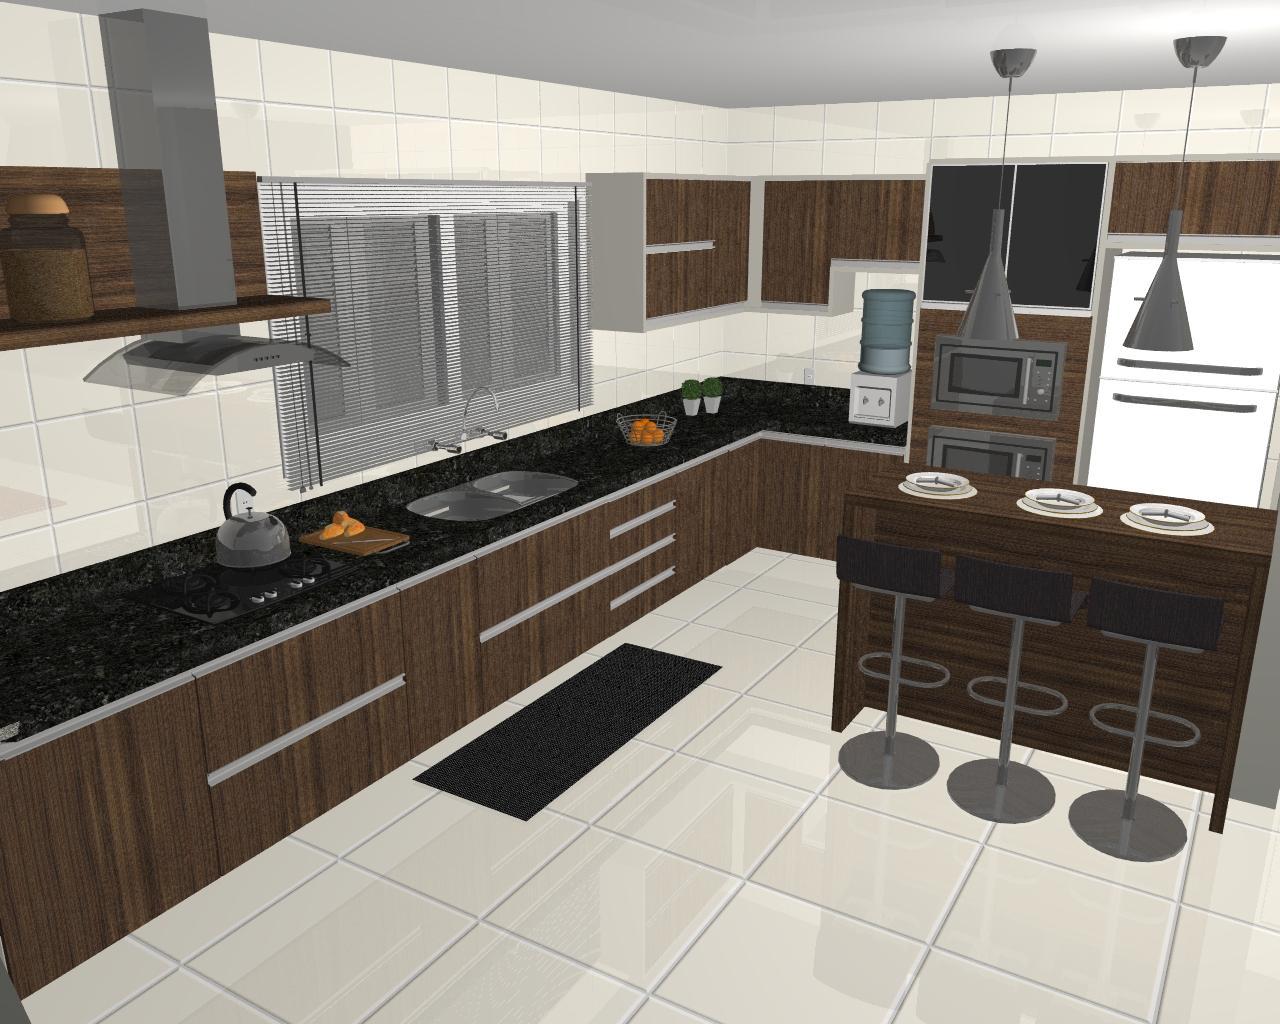 : Imagens renderizadas de cozinhas criadas e executadas pela ATUALLE #A0652B 1280 1024